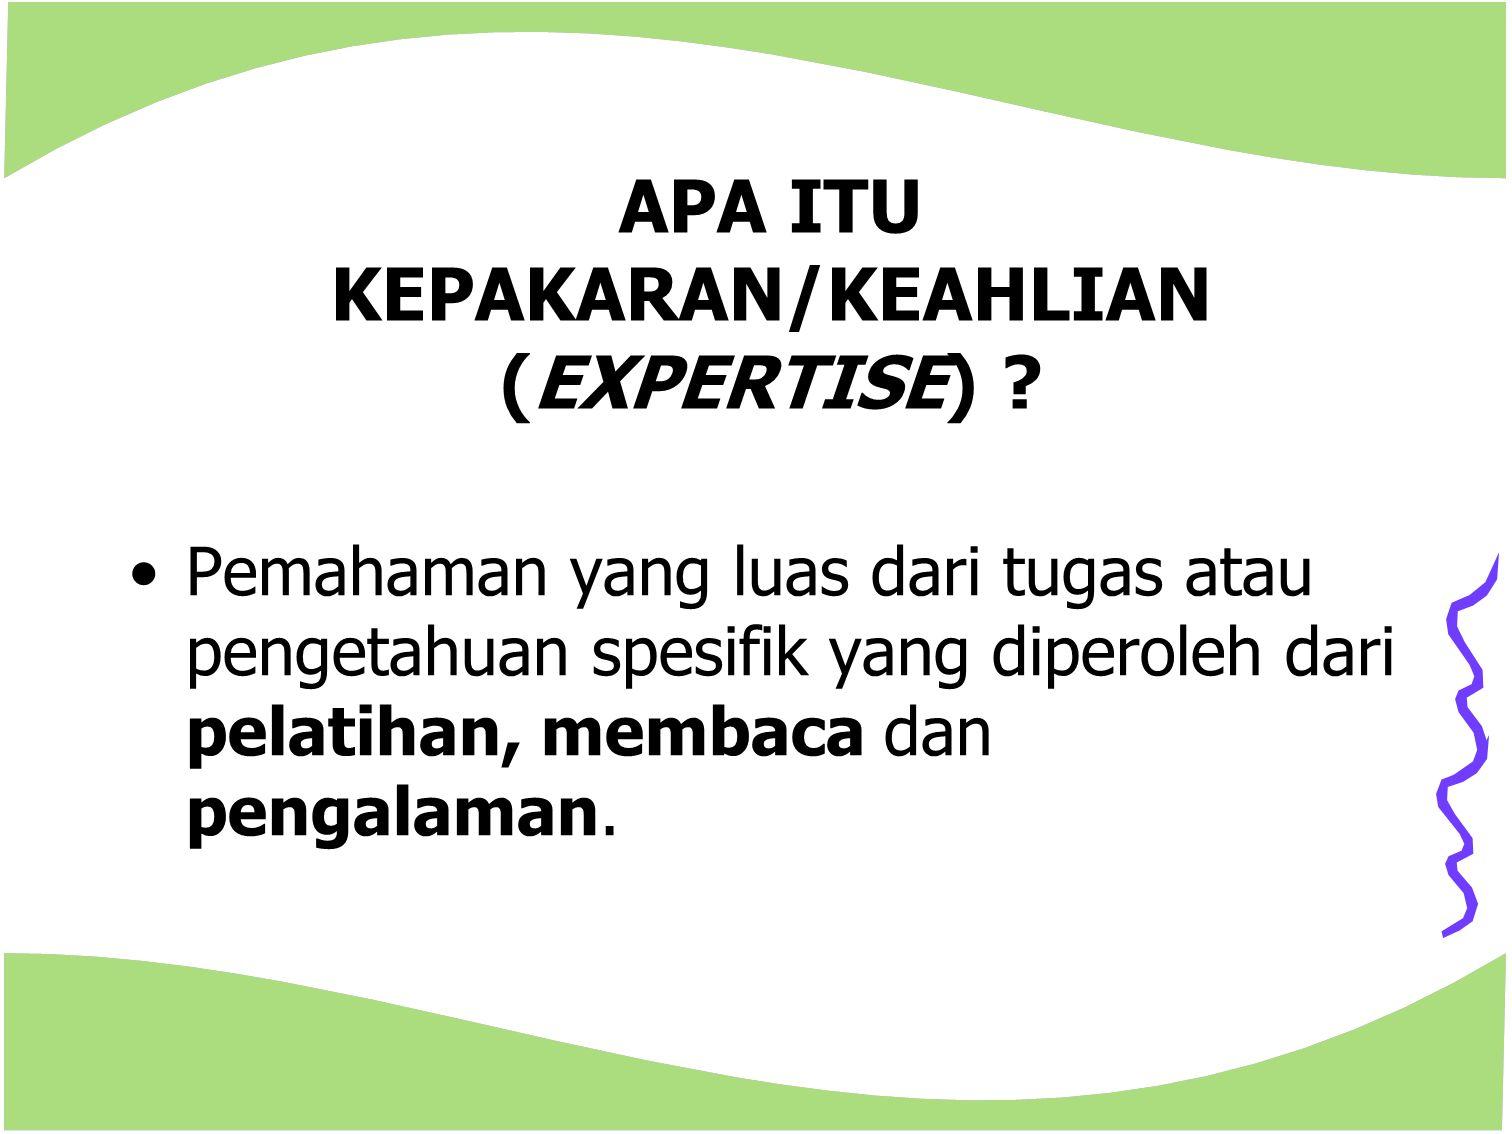 APA ITU KEPAKARAN/KEAHLIAN (EXPERTISE)